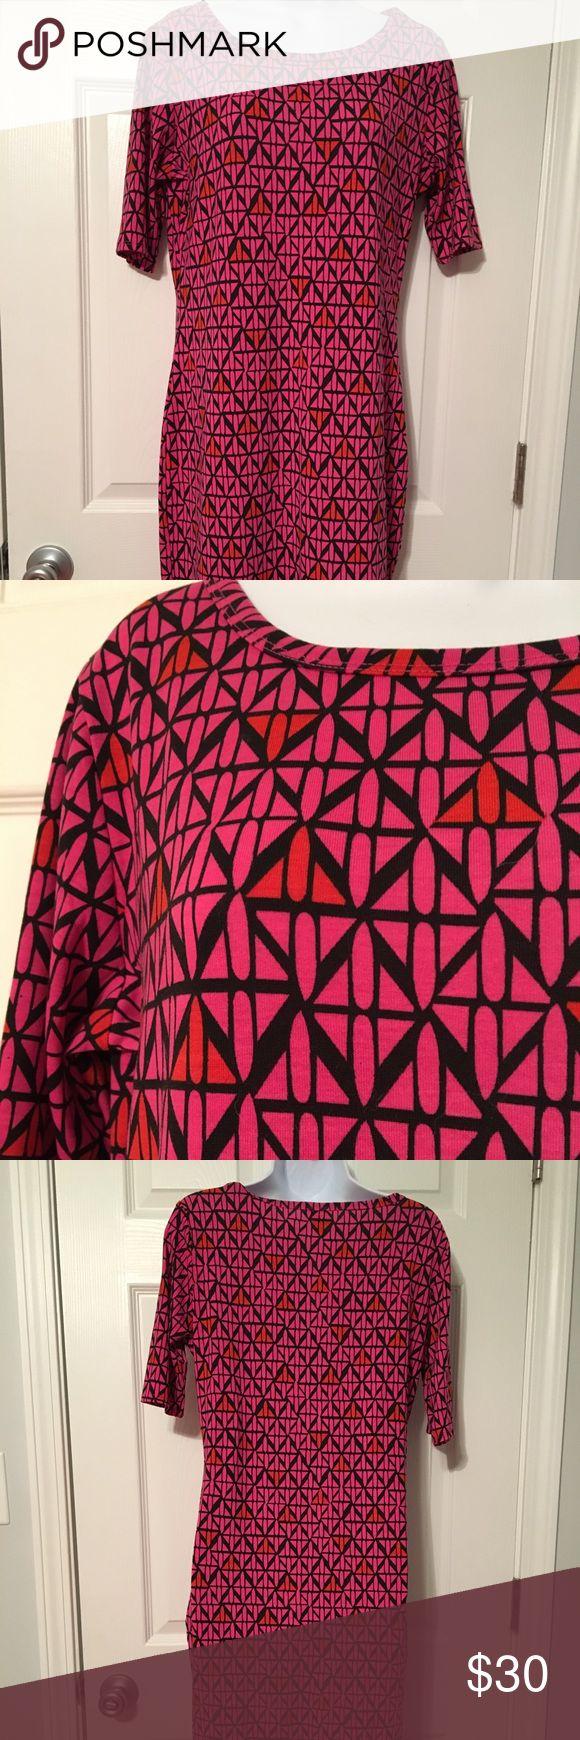 Nwot LuLaRoe Julia size M Beautiful pattern on this LuLaRoe Julia dress. New without tags. Never worn. Love LuLaRoe! Size M, size 10. This dress is a fitted dress. LuLaRoe Dresses